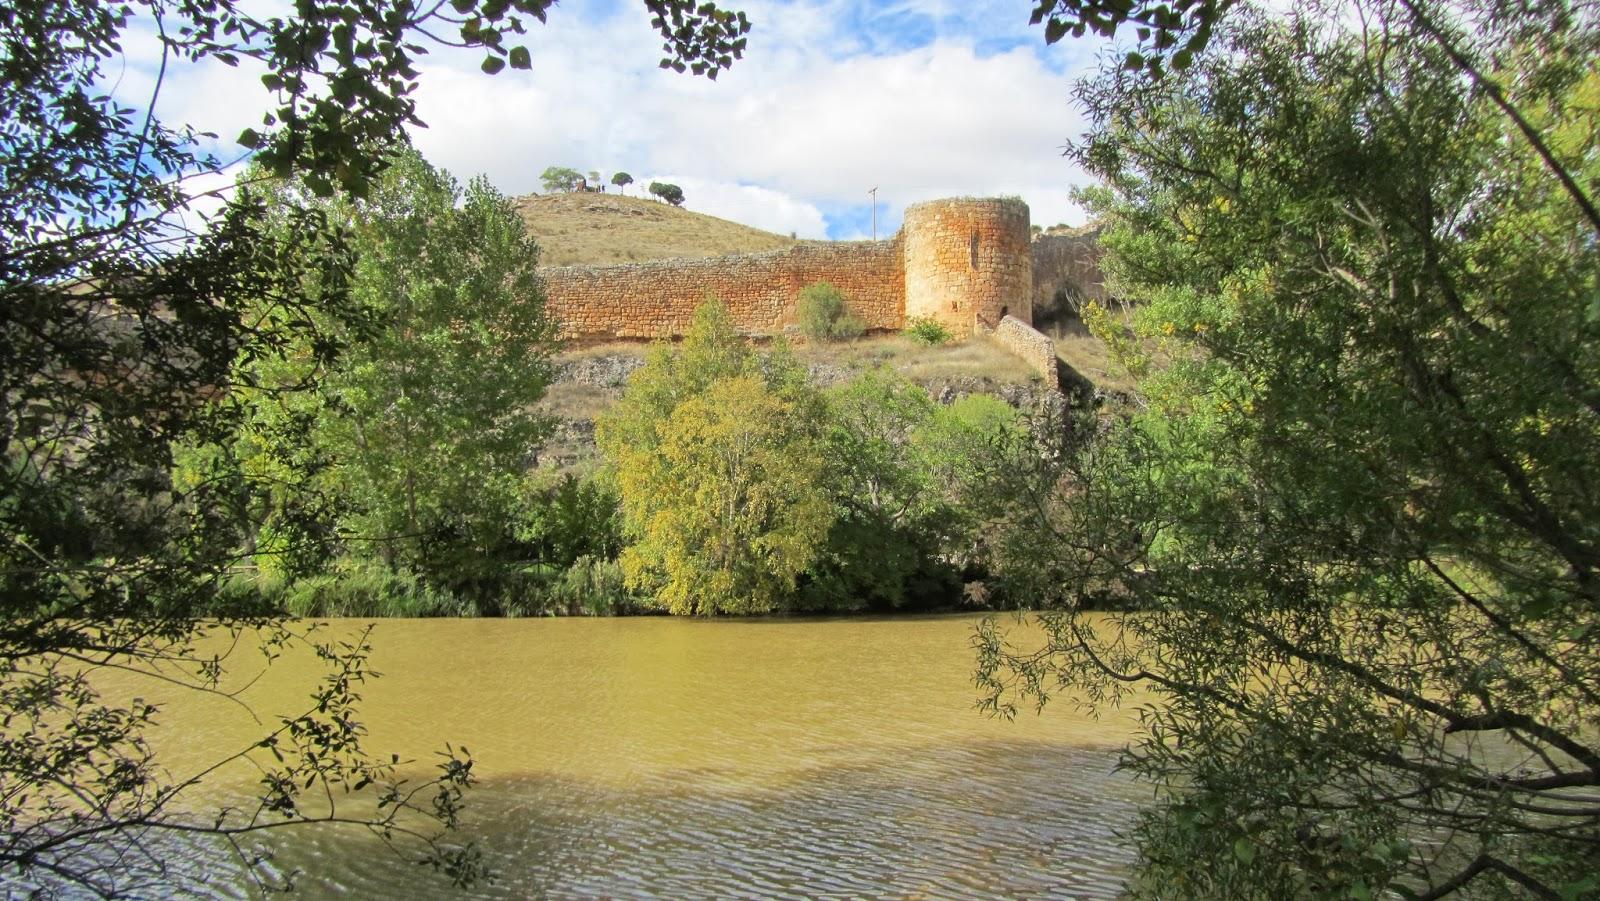 Muralla de Soria, frente a Arcos de San Juan de Duero